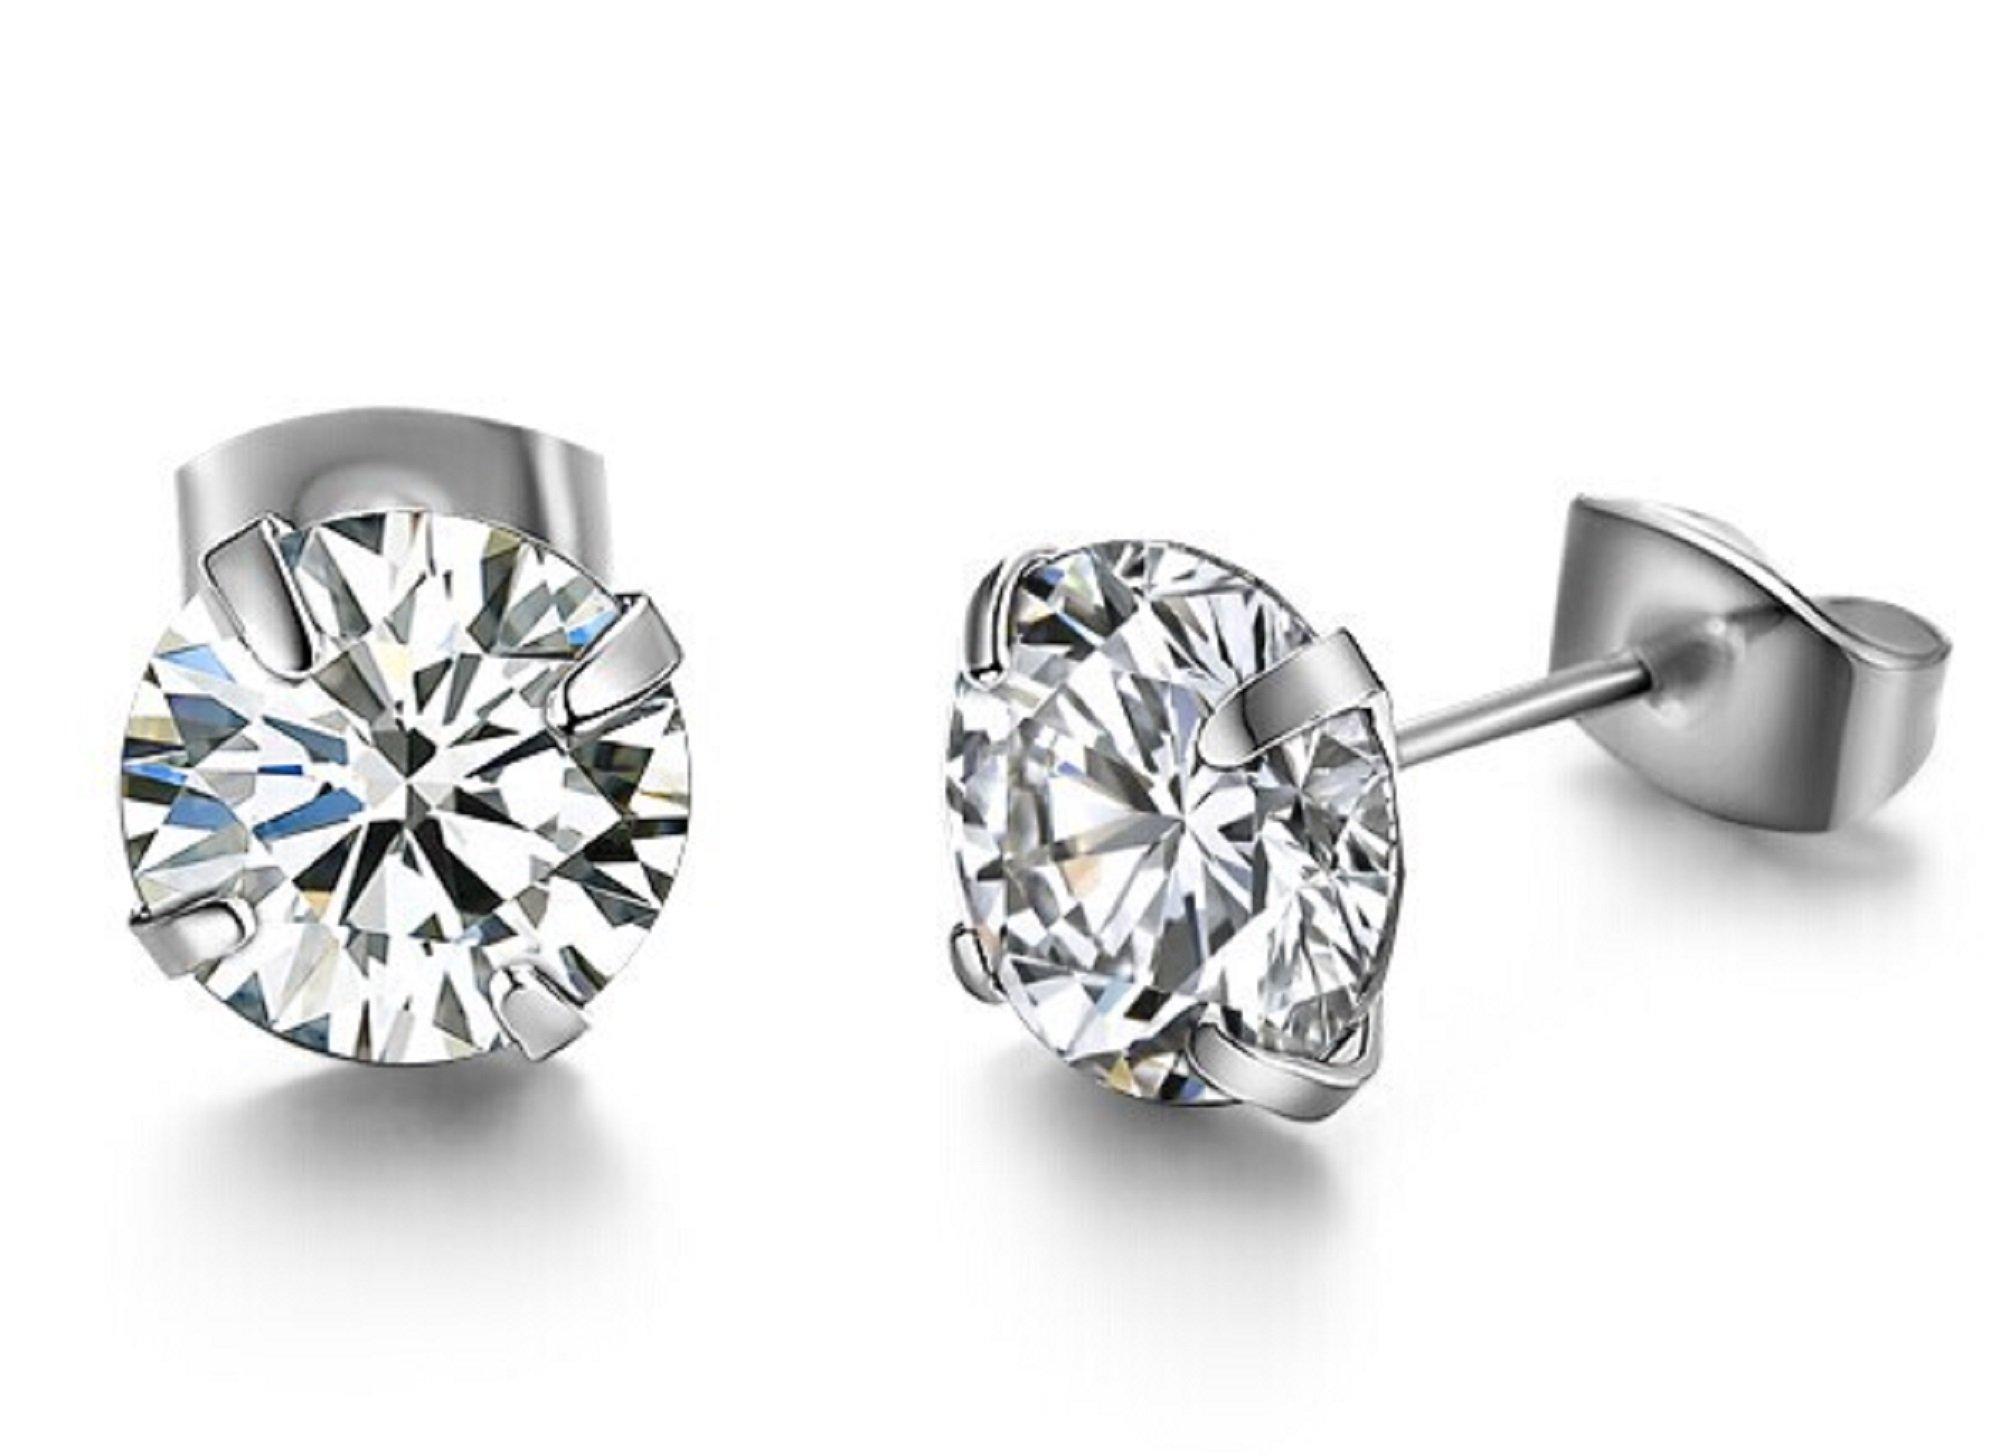 Cristallo zircone orecchini gioielli da sposa cristallo orecchini in argento Sterling orecchini di c